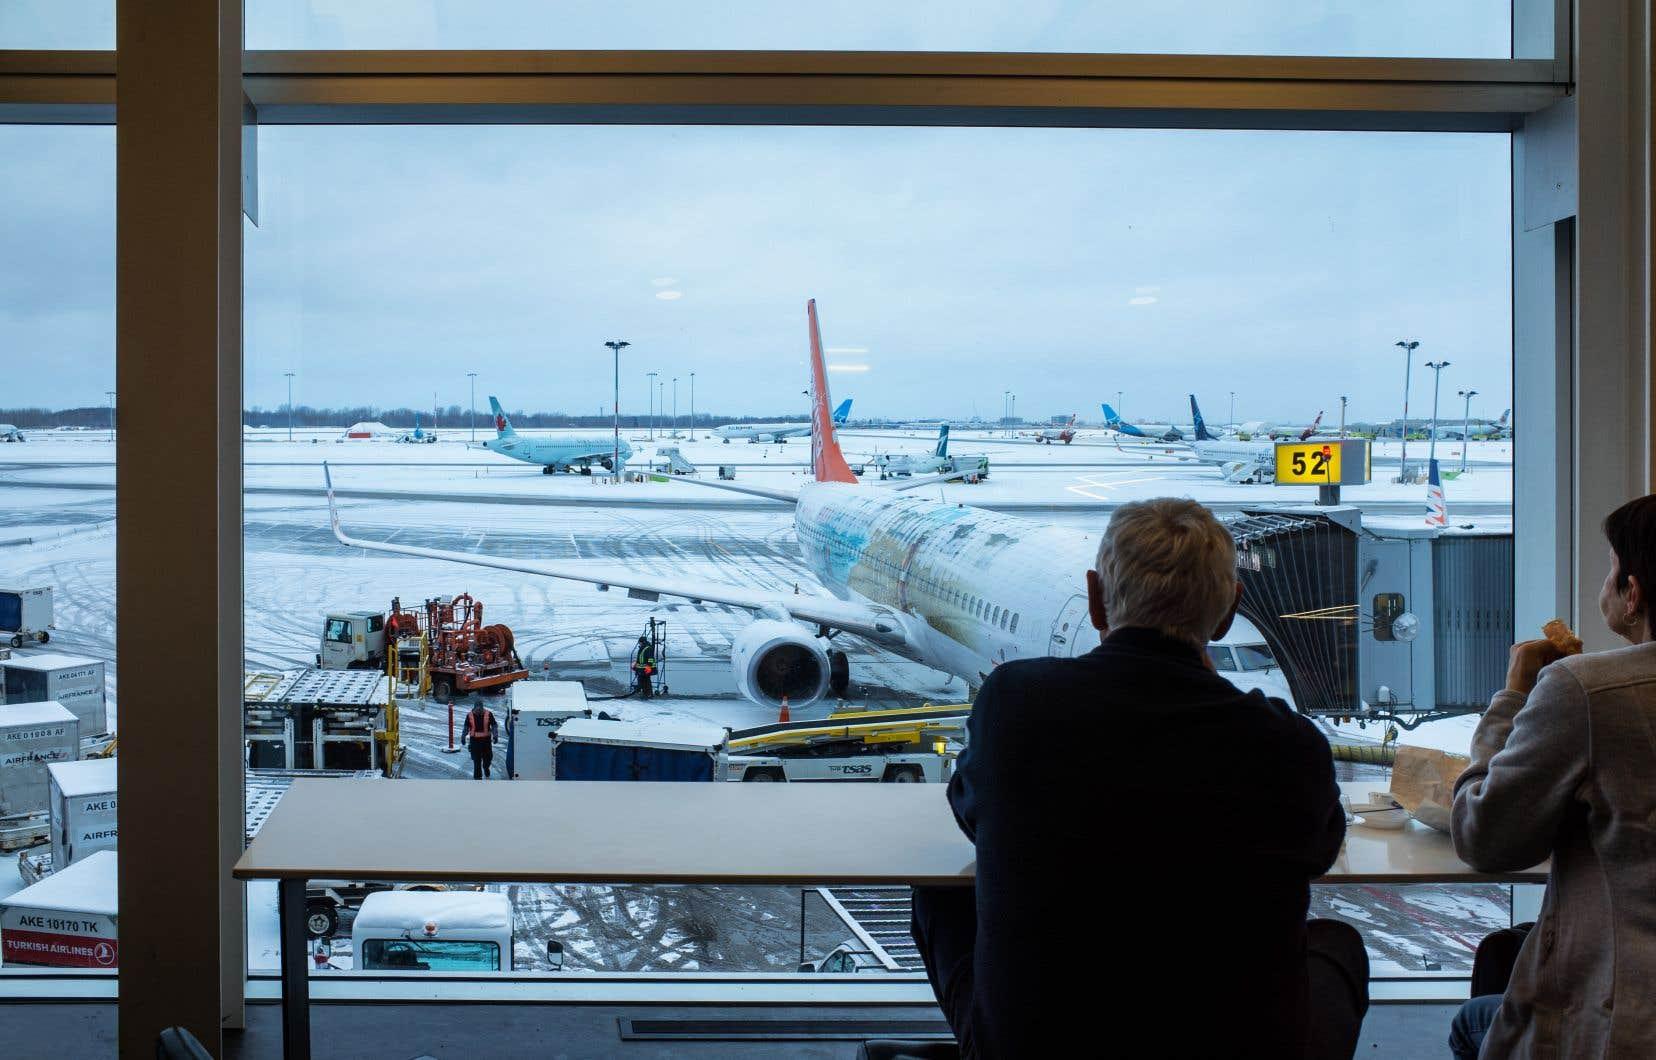 «Air Canada, WestJet, Air Transat et les autres compagnies aériennes d'ici ont investi des sommes considérables au cours des dernières décennies afin de tisser leurs réseaux de destinations, de constituer leurs flottes, d'implanter leurs infrastructures», écrit l'auteur.